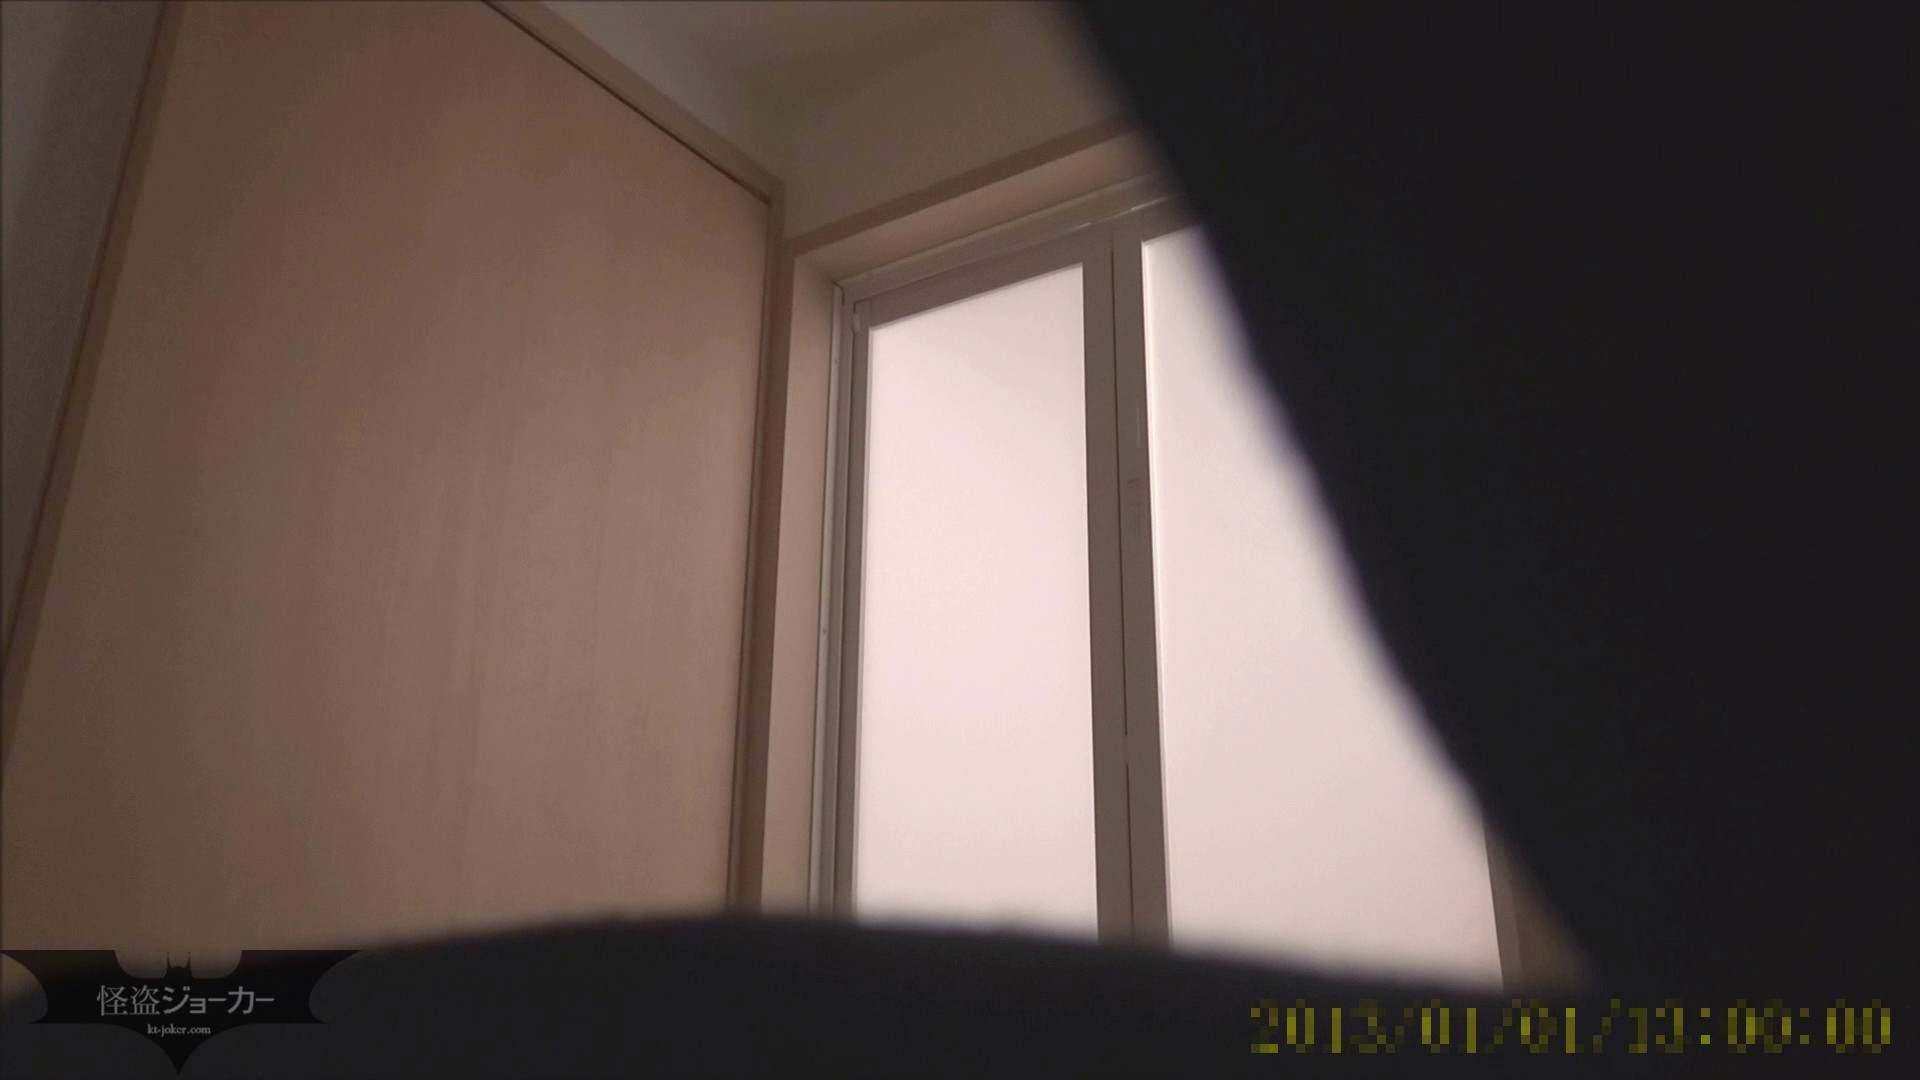 【未公開】vol.103  {黒髪→茶髪ボブに変身}美巨乳アミちゃん④【前編】 イタズラ エロ画像 92画像 49